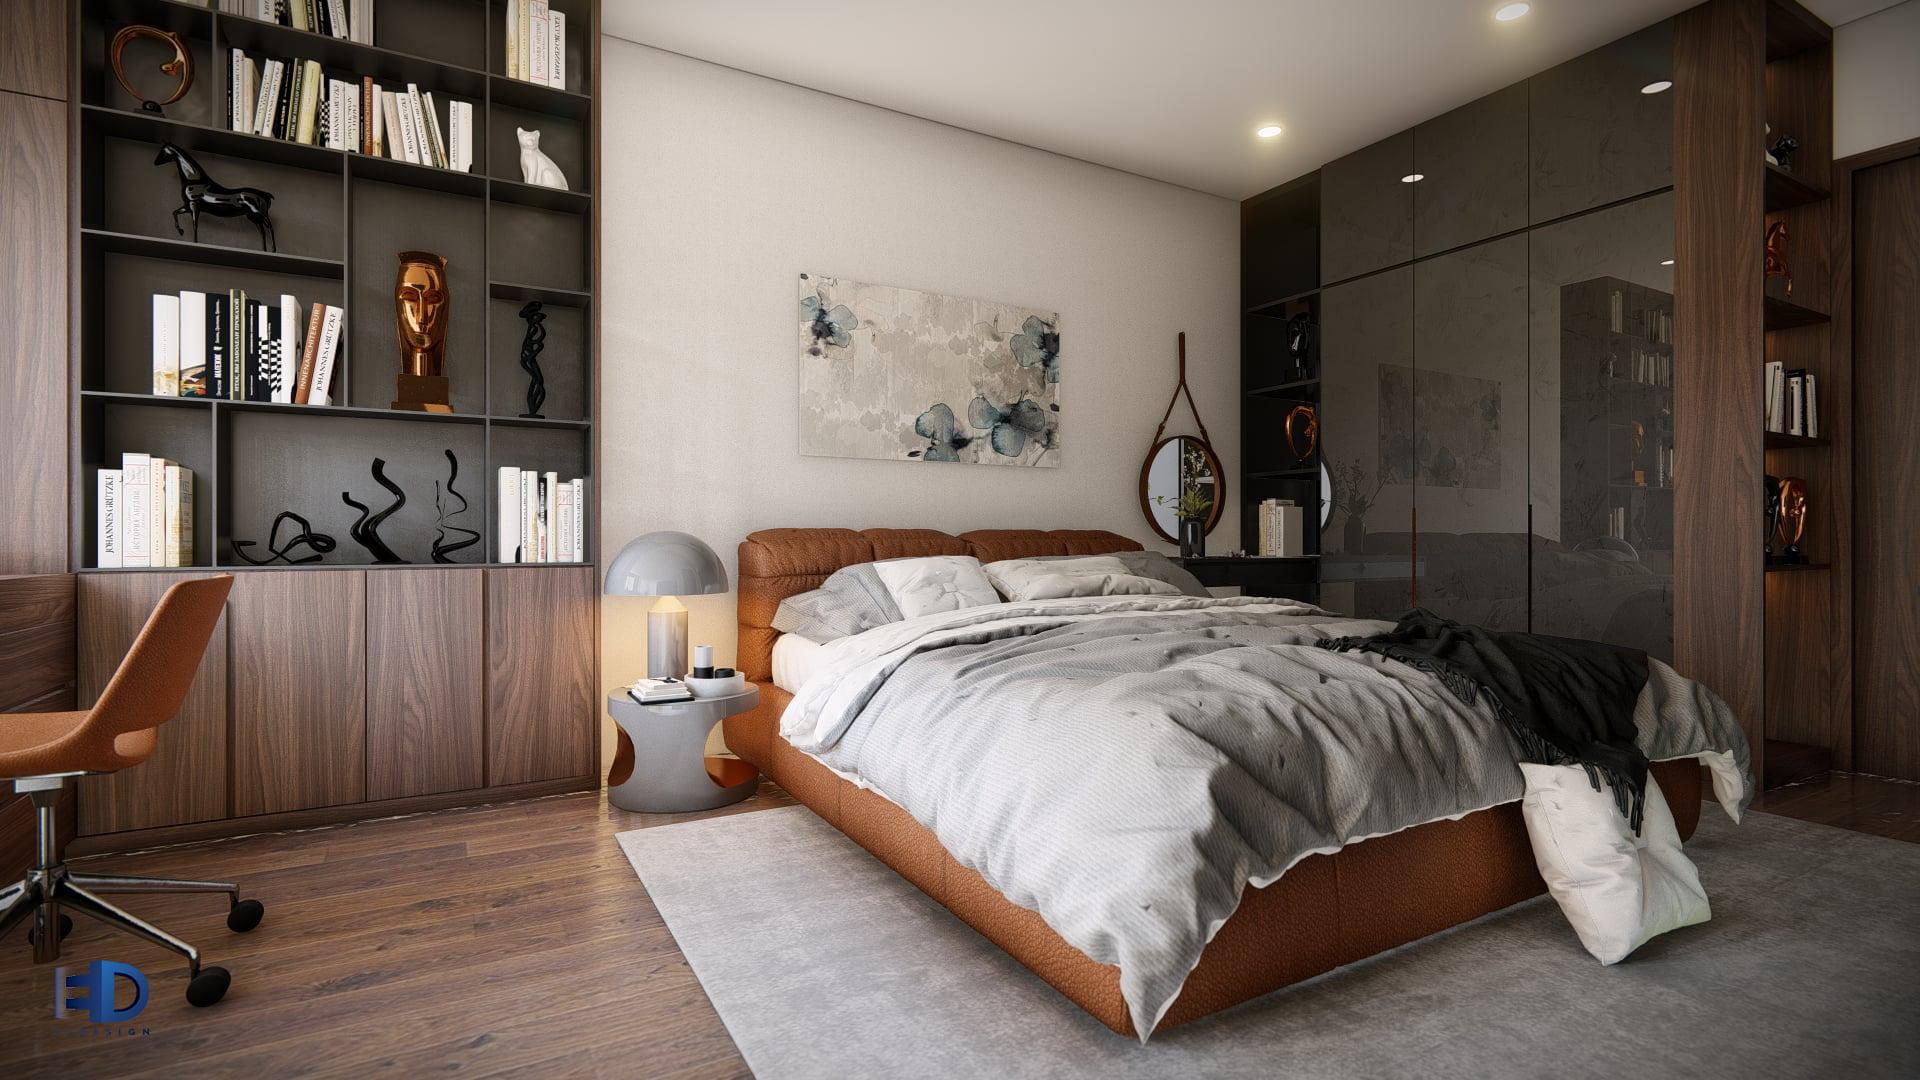 EnDesign Bedroom High Quality - 3D RENDERINGS